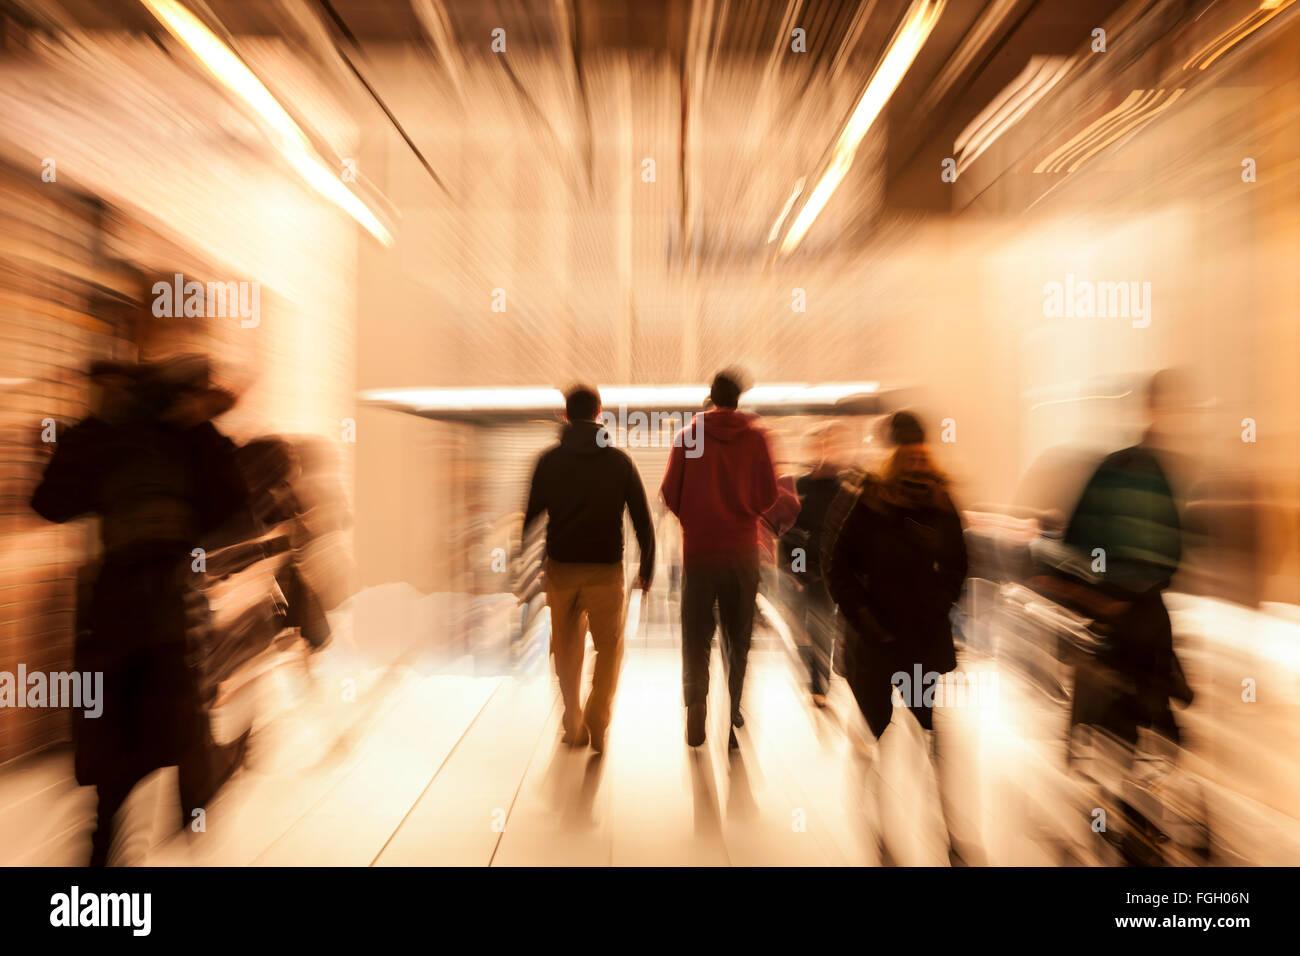 Les gens se précipiter par couloir, motion blur Banque D'Images